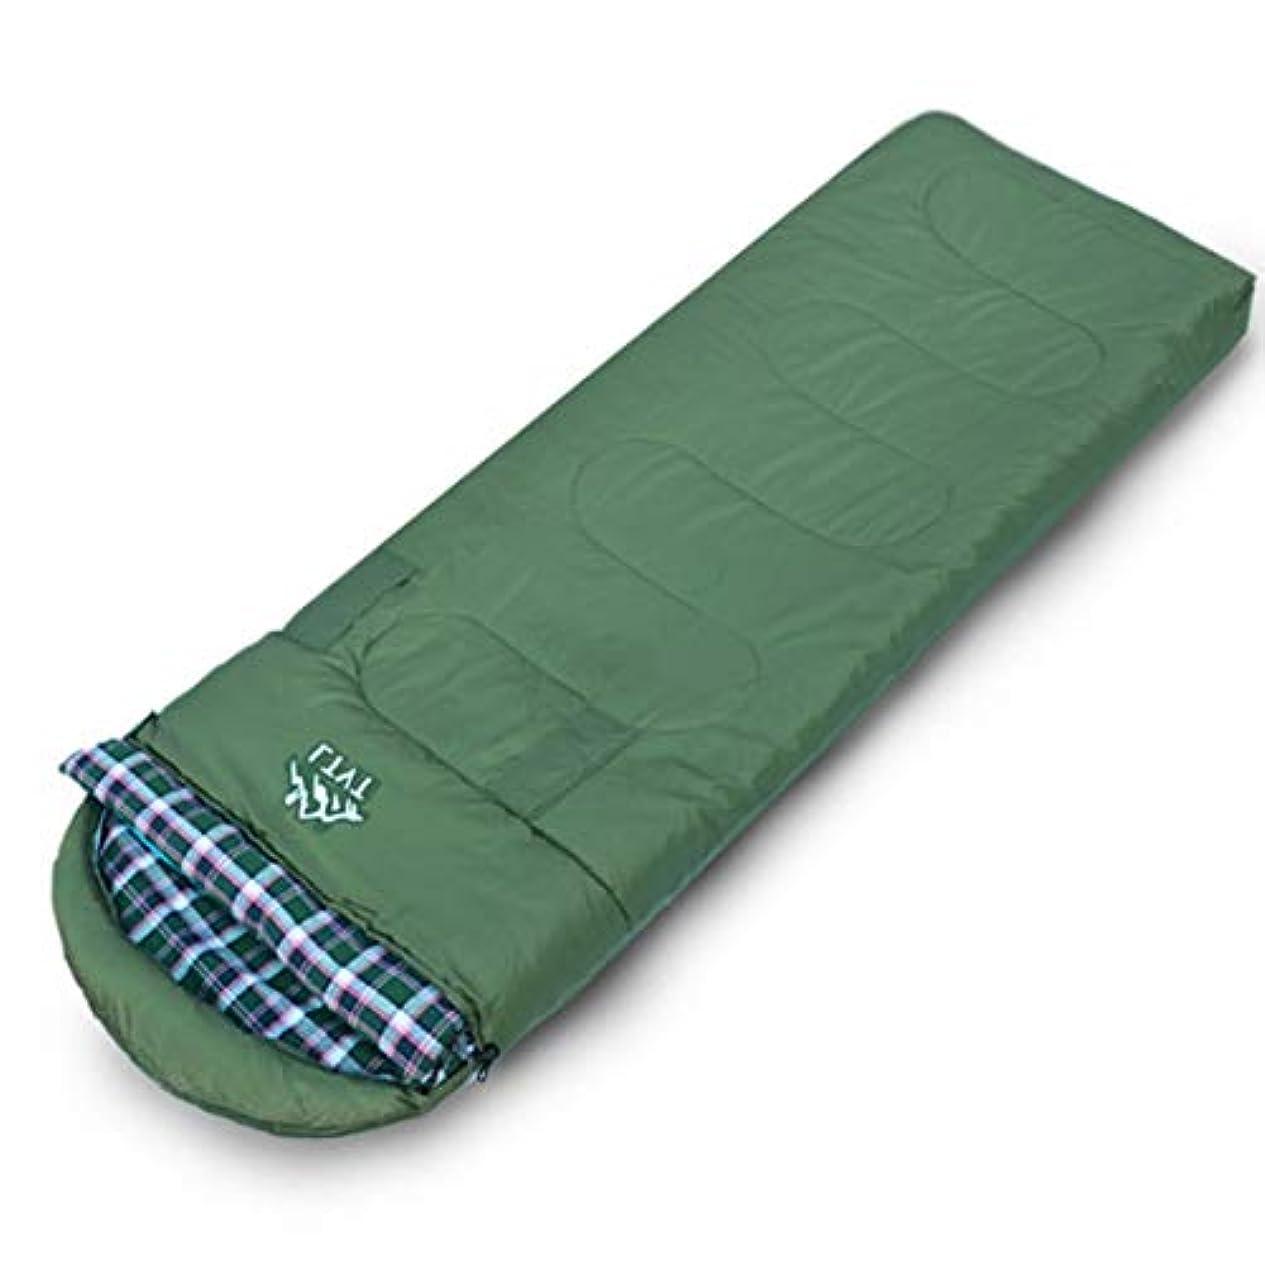 征服友だち排除するMakecny 屋外多機能と便利な寝袋 (色 : オレンジ)